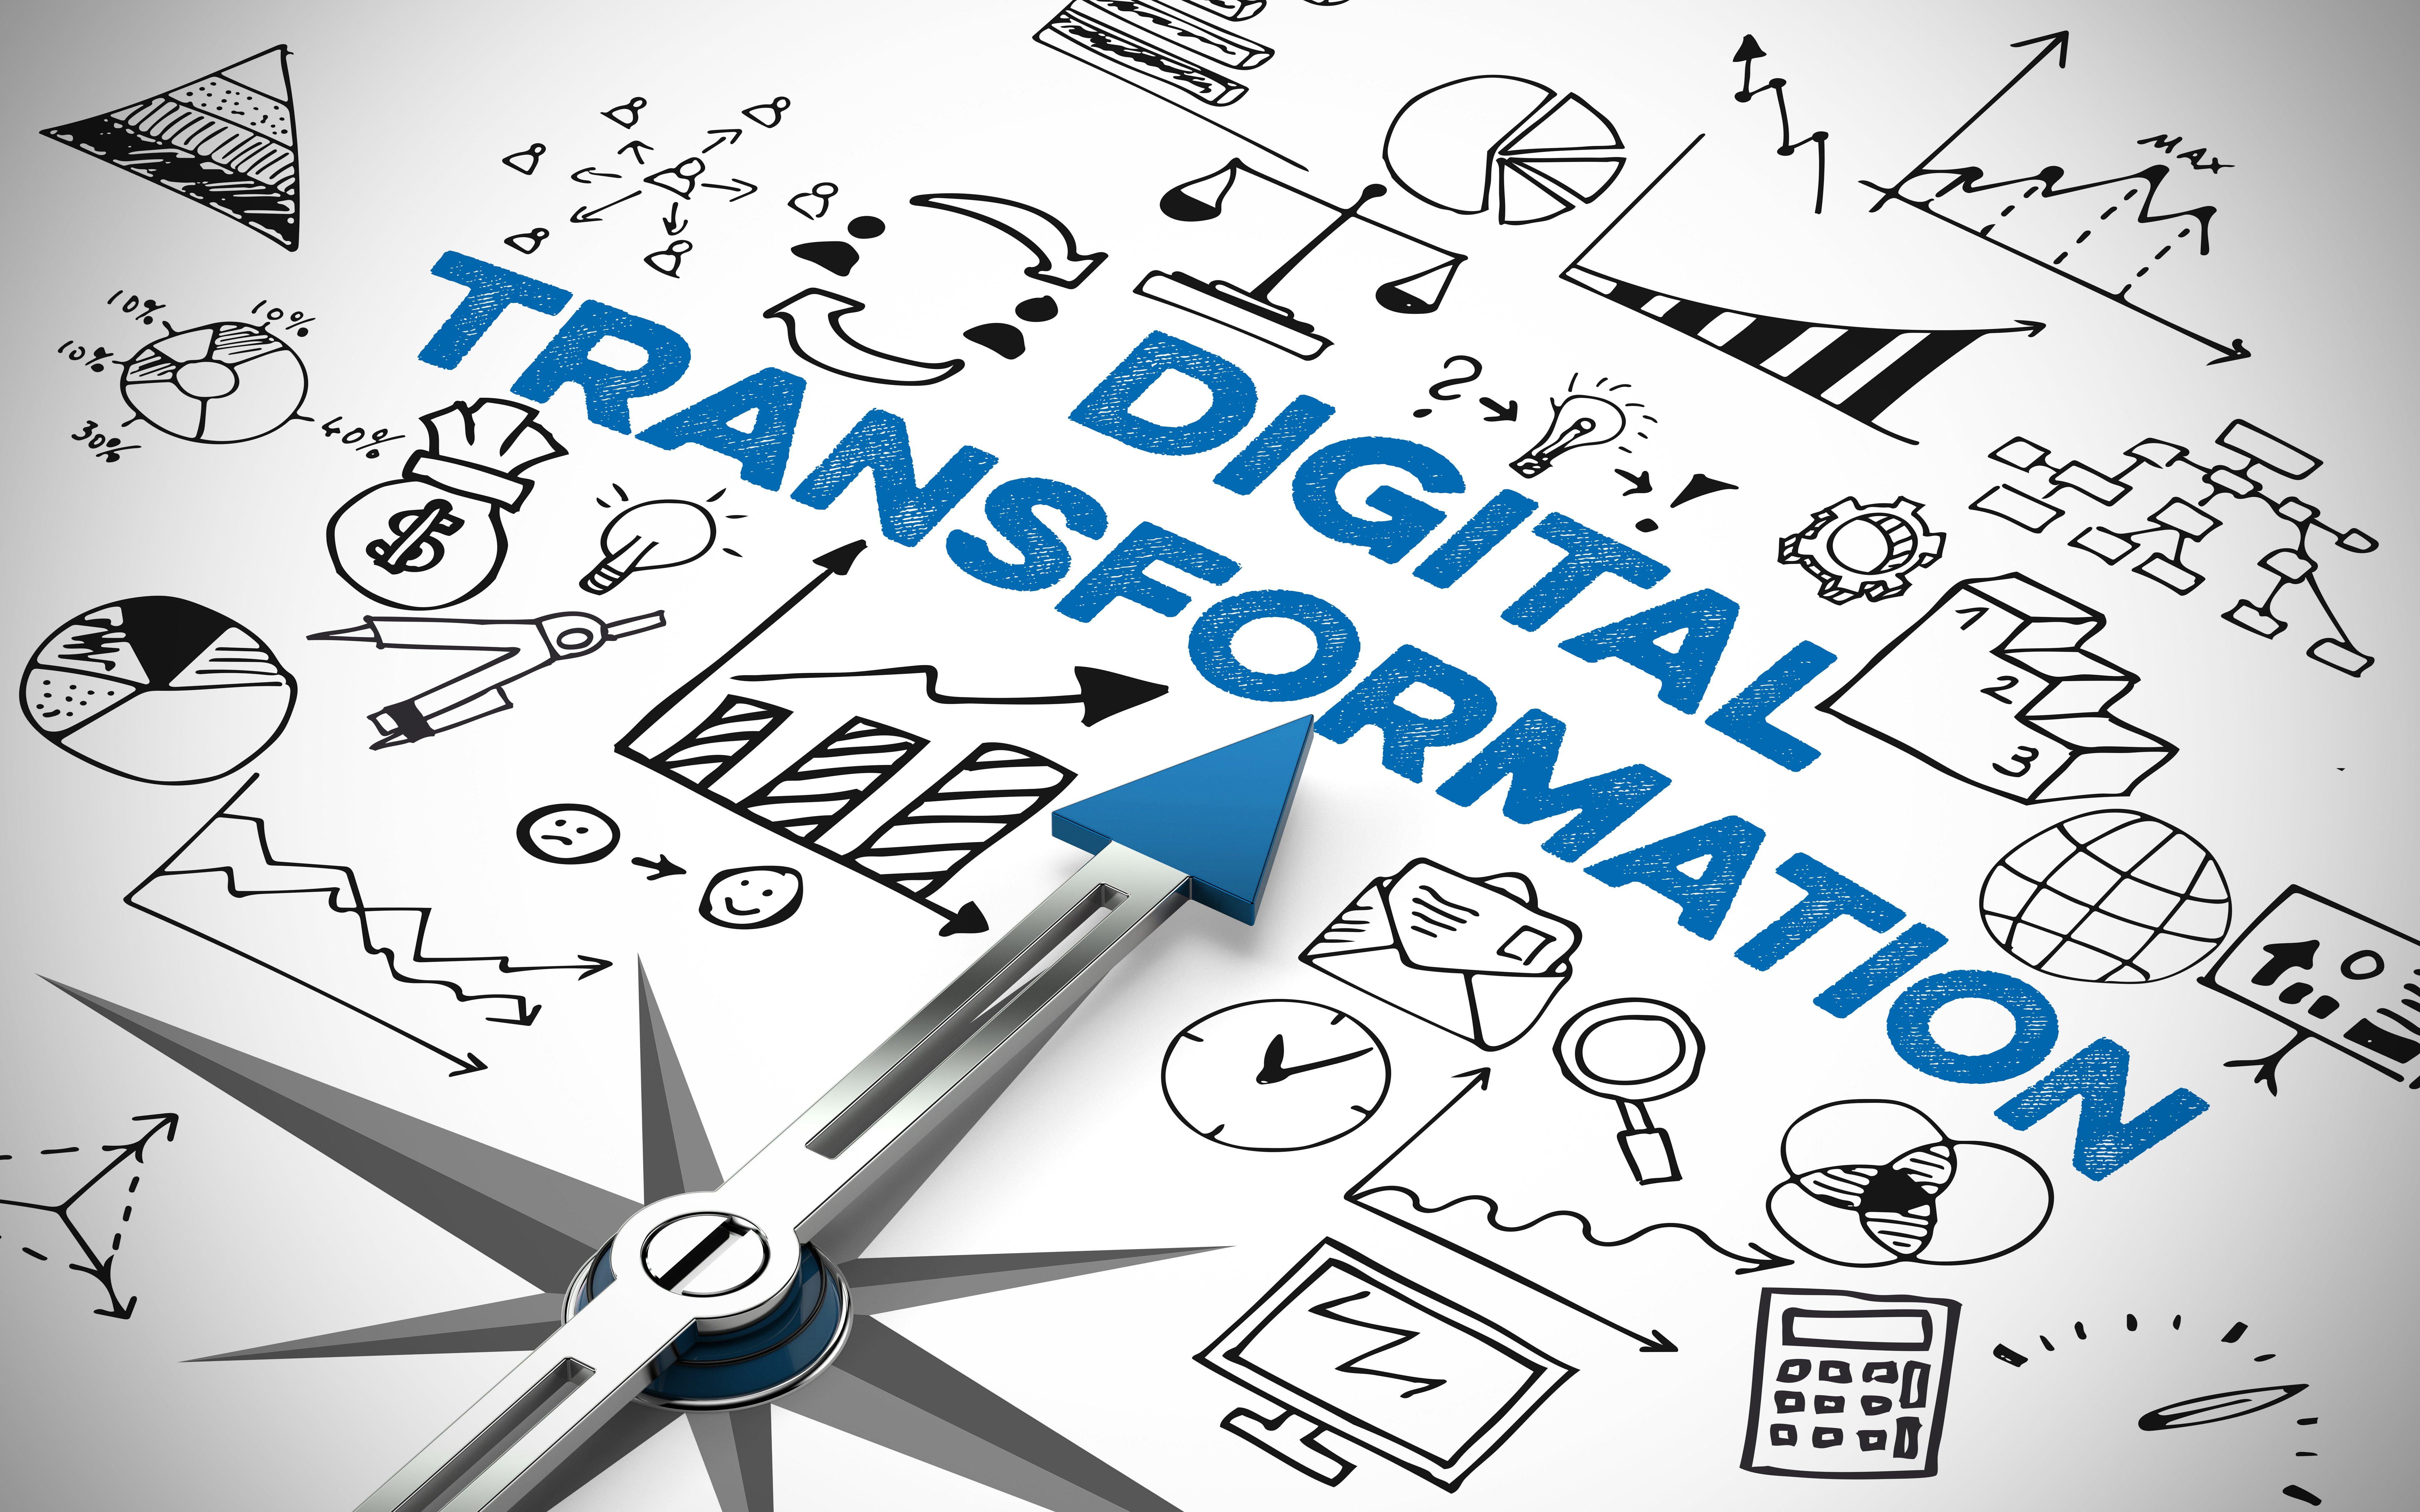 HBDigitalTransformation